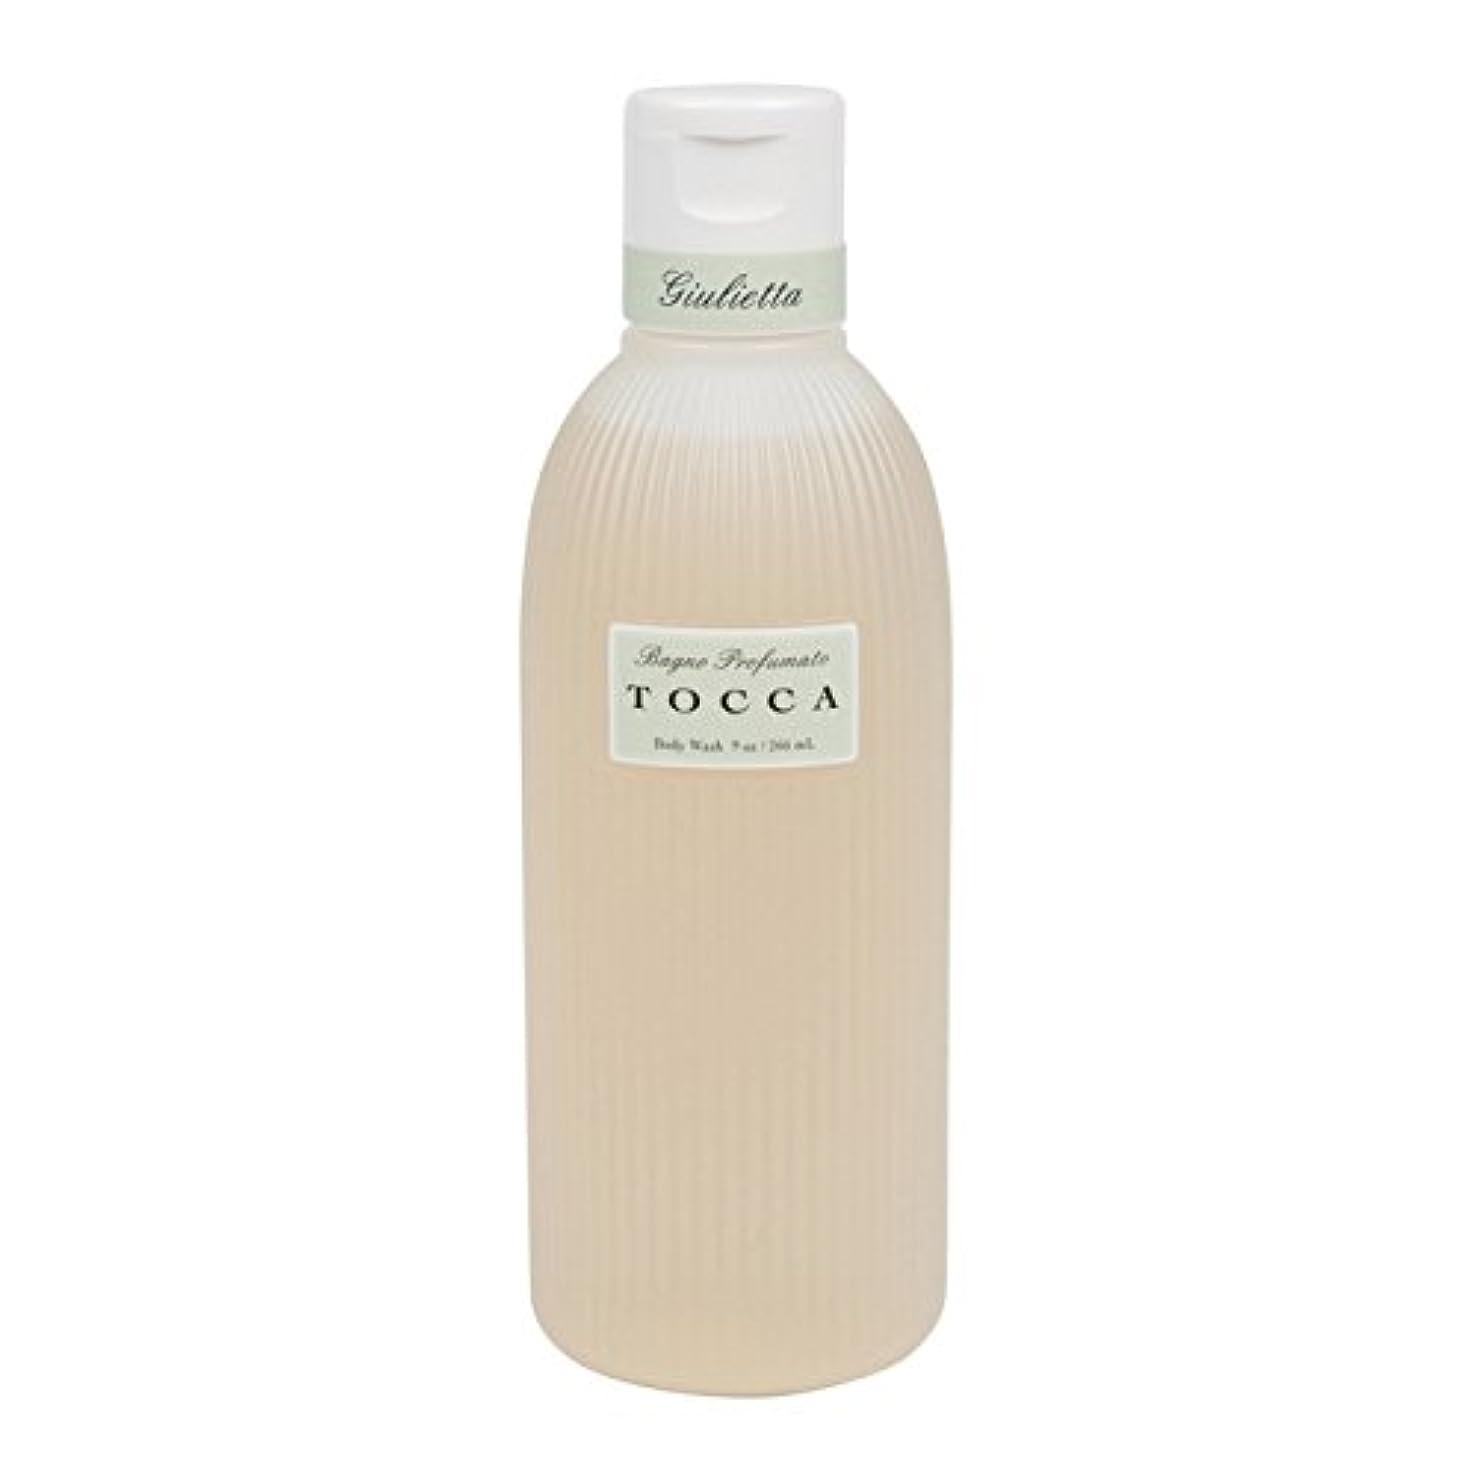 生まれ発見する完了トッカ(TOCCA) ボディーケアウォッシュ ジュリエッタの香り 266ml(全身用洗浄料 ボディーソープ ピンクチューリップとグリーンアップルの爽やかで甘い香り) [並行輸入品]